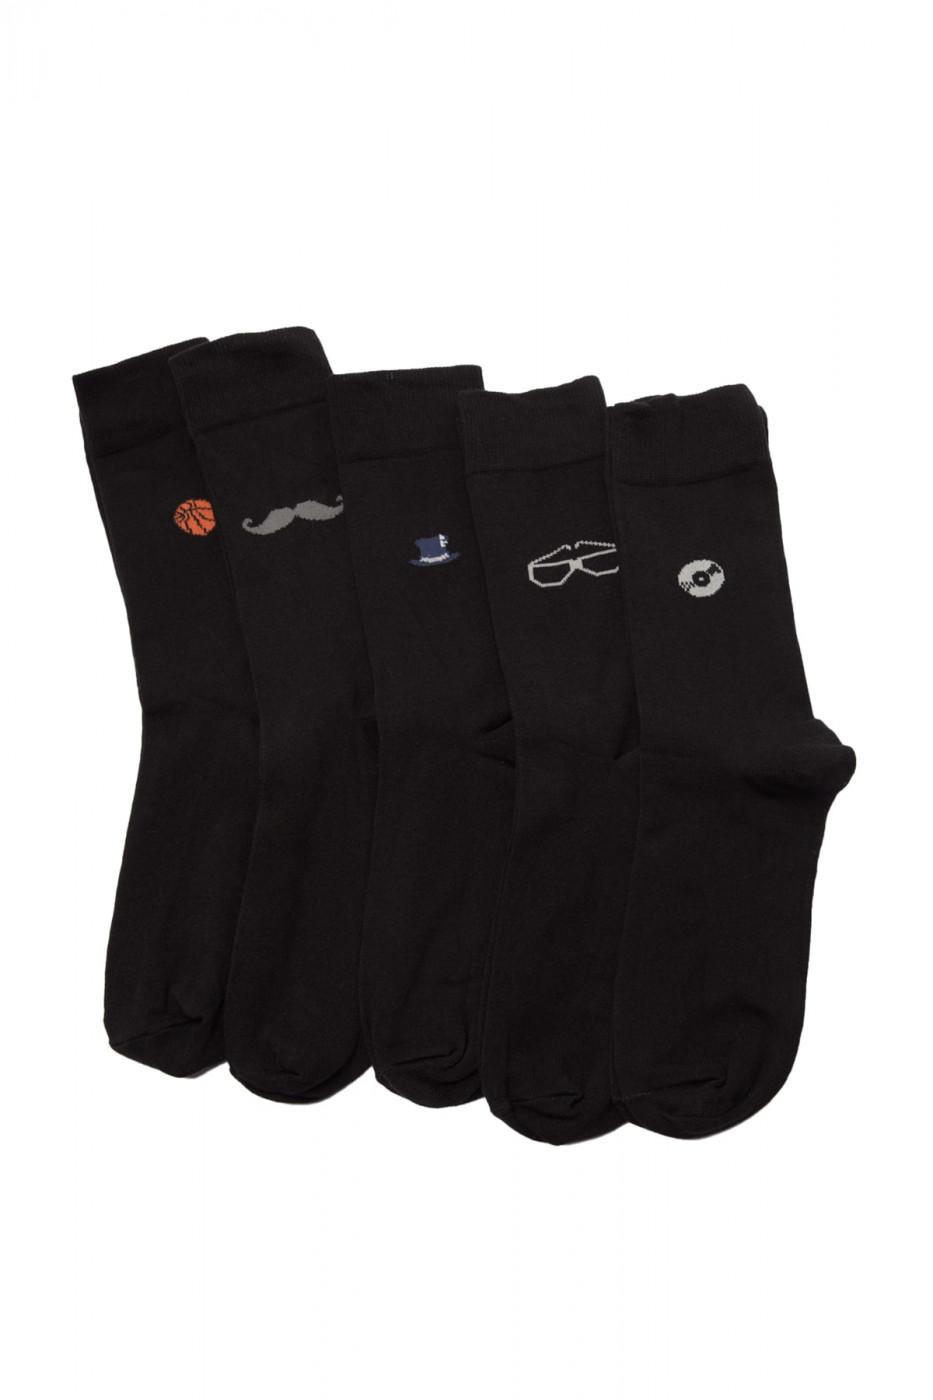 Trendyol Black Men 5 Pack Pattern Socket Socks